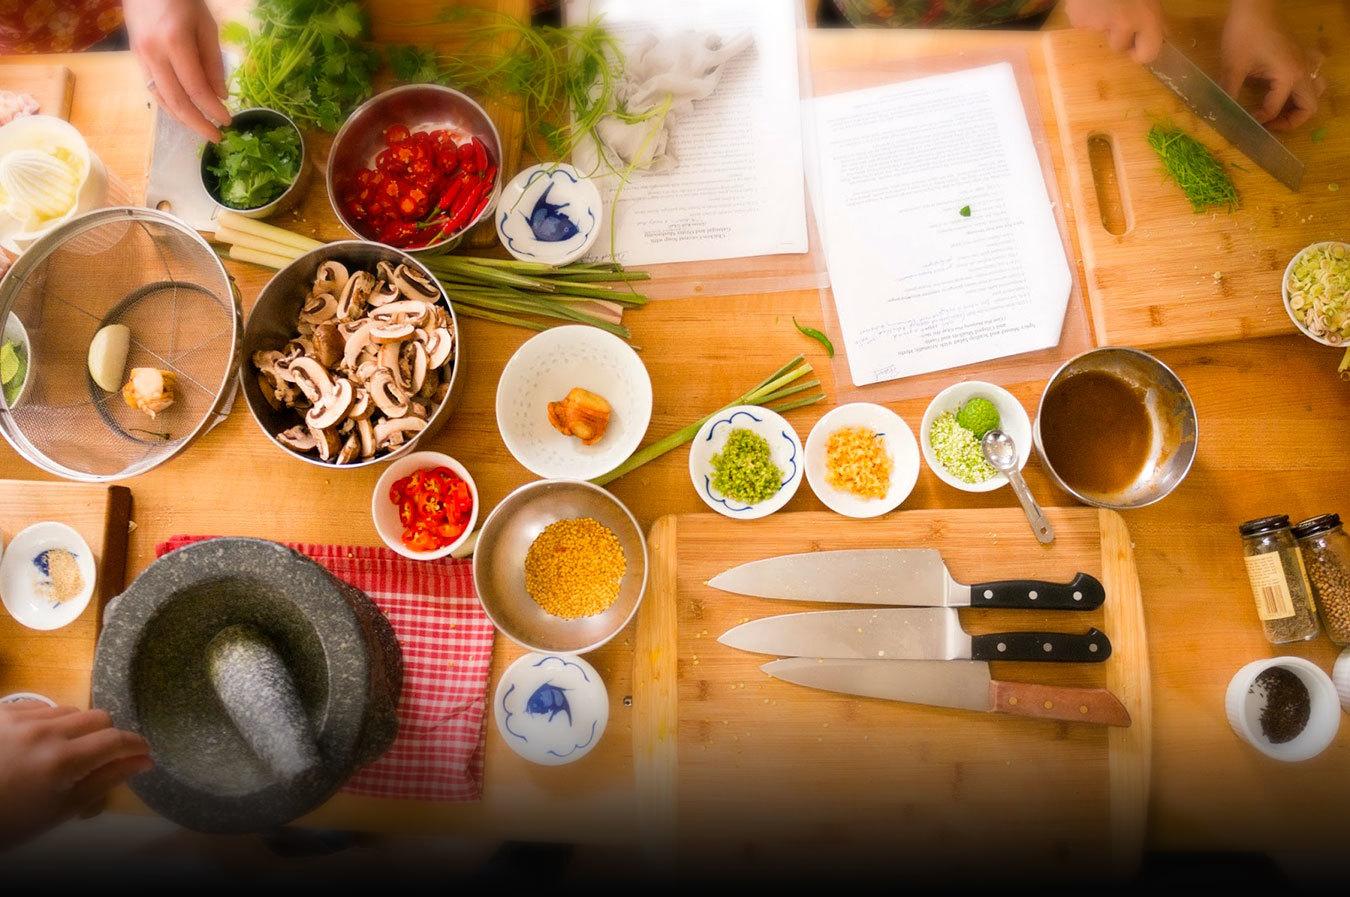 Beginning Cooking: Basic Skills